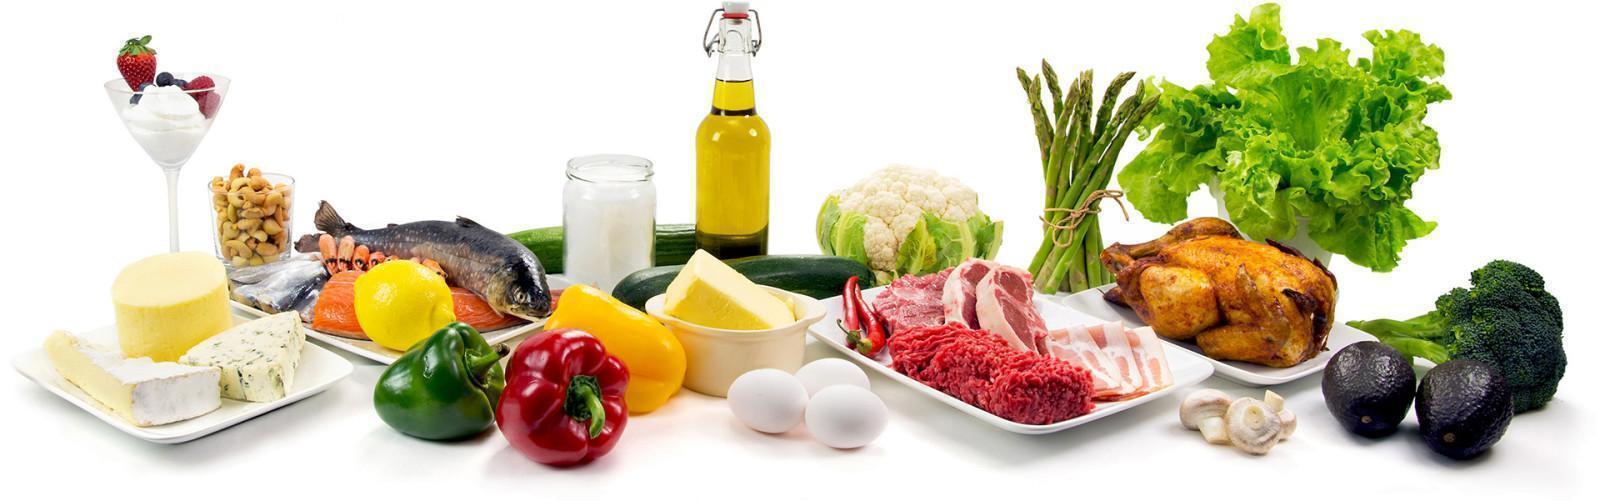 Dieta Low Carb É Benefíca Para a Saúde?